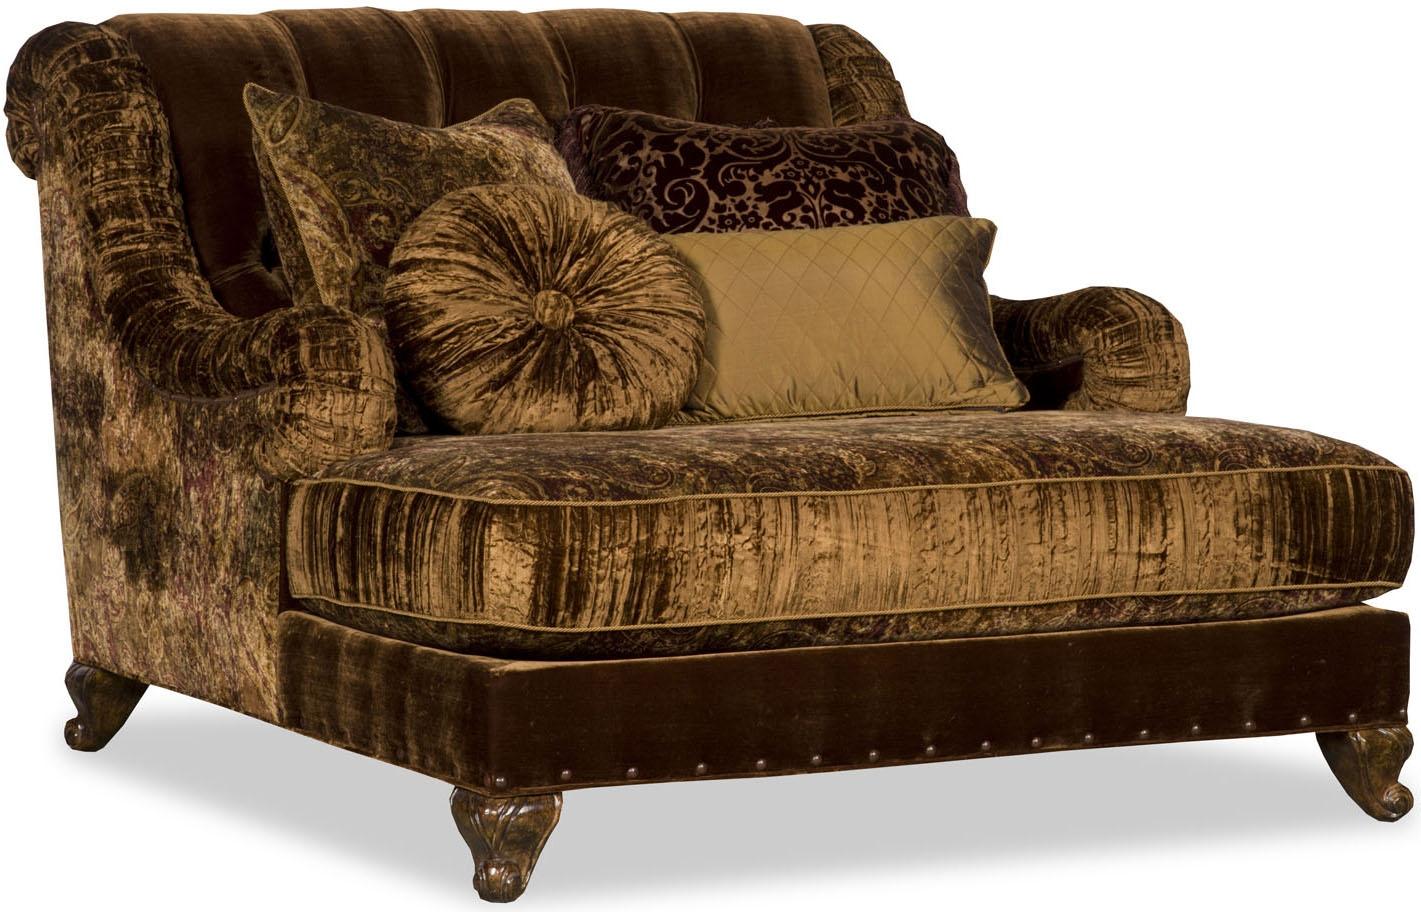 Upholstered Extended Sofa